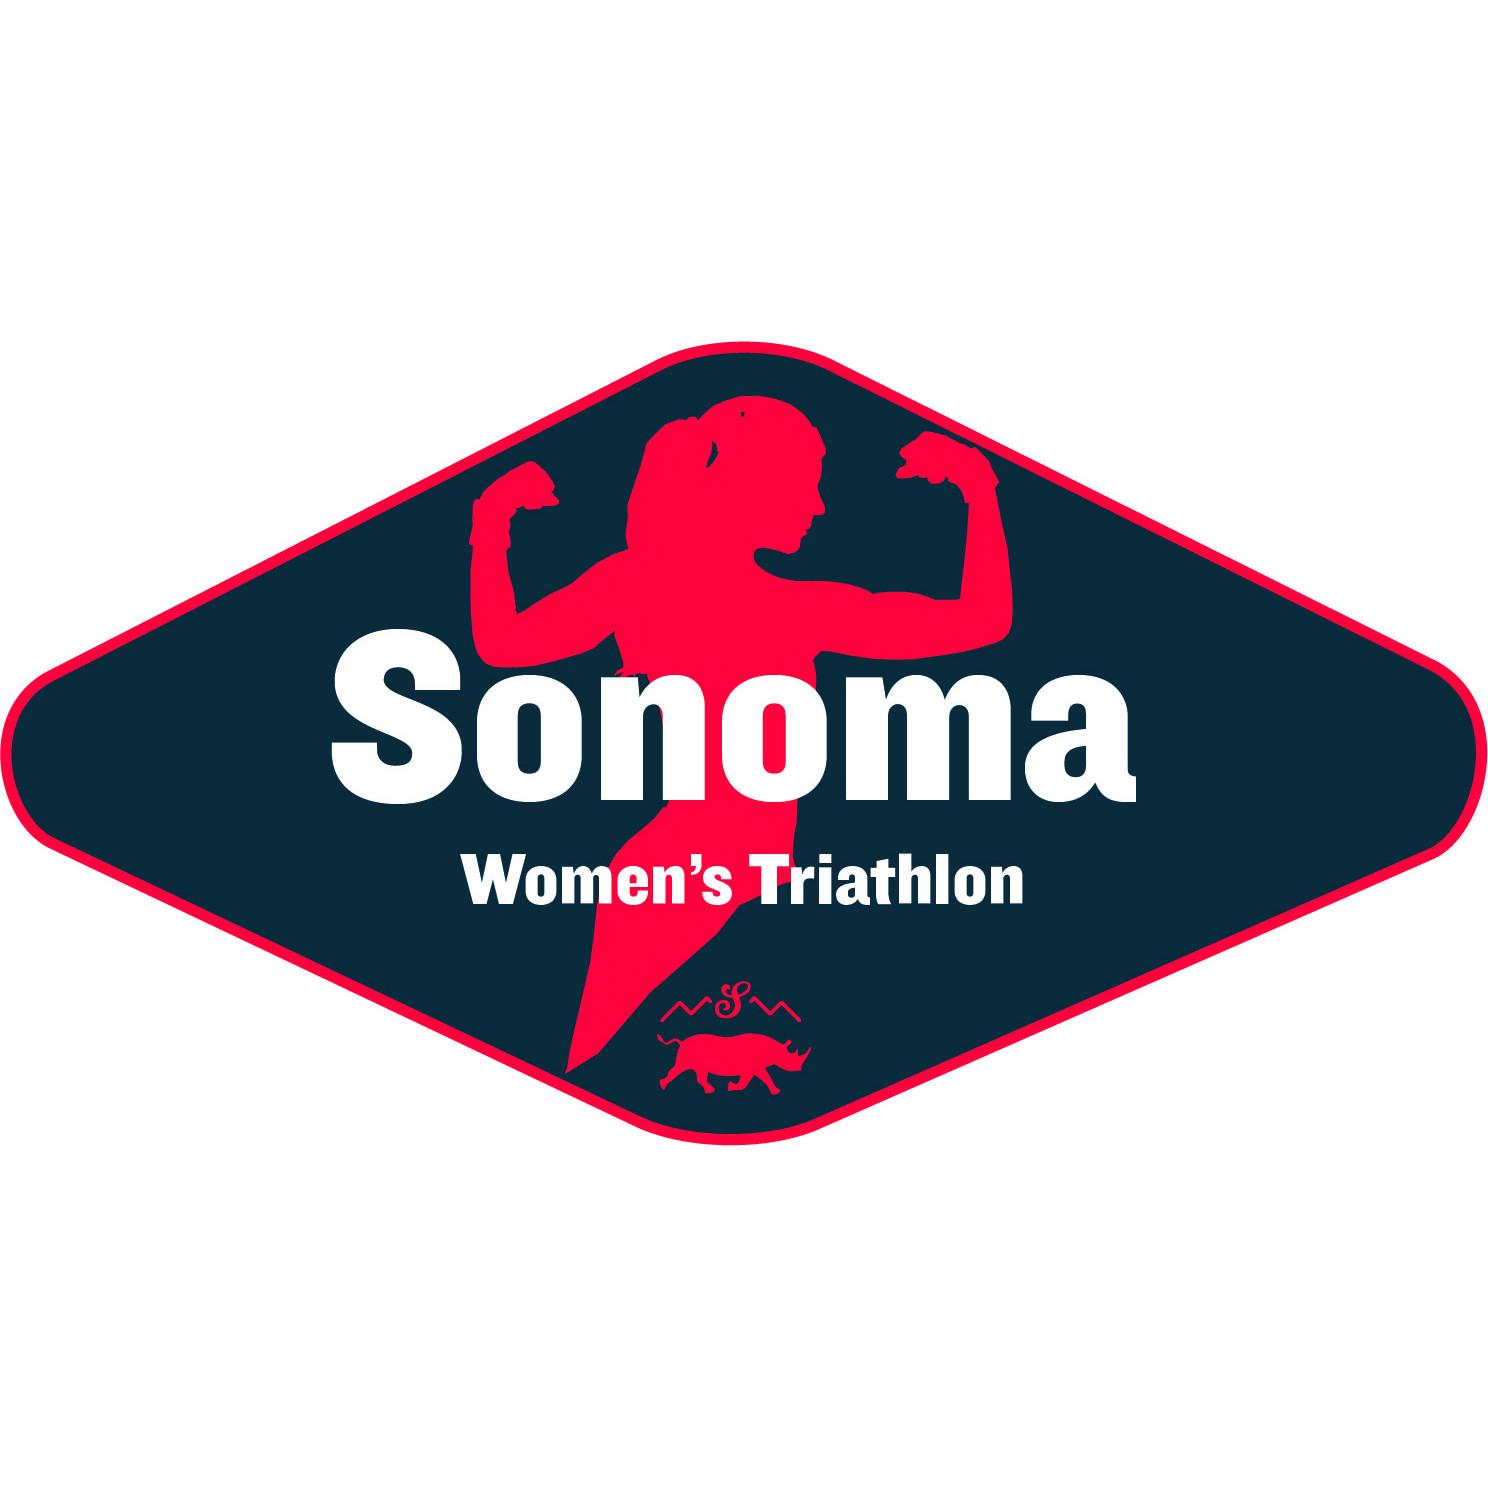 Store listings for Sonoma Women's Triathlon